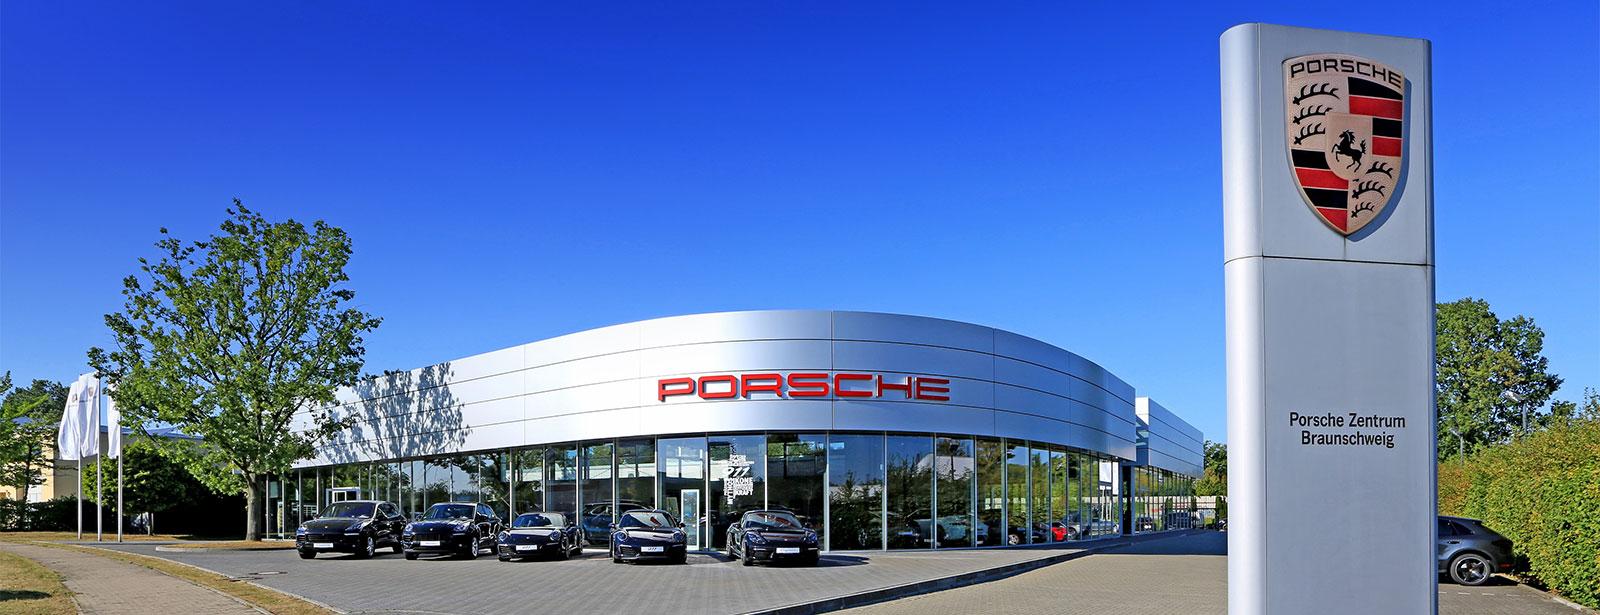 Porsche Centre Braunschweig